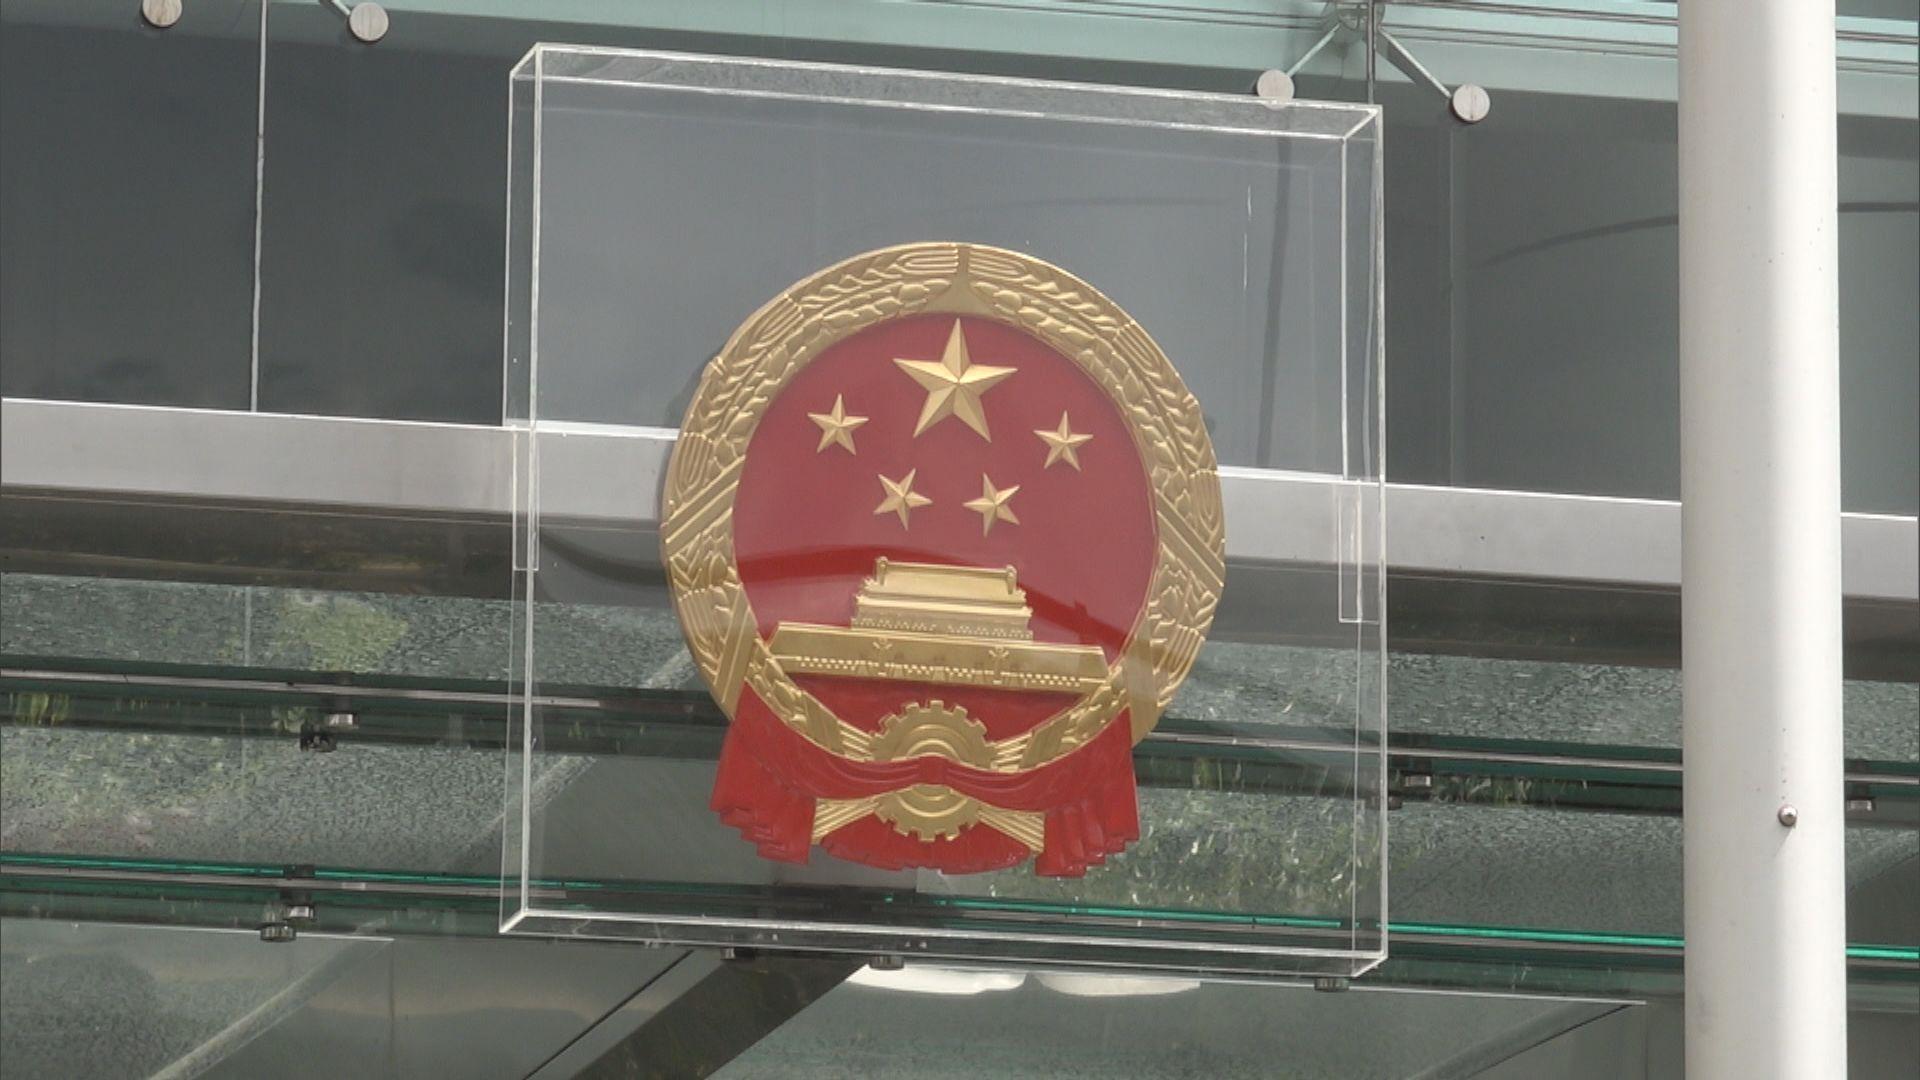 中聯辦設水馬戒備 國徽有透明膠箱保護